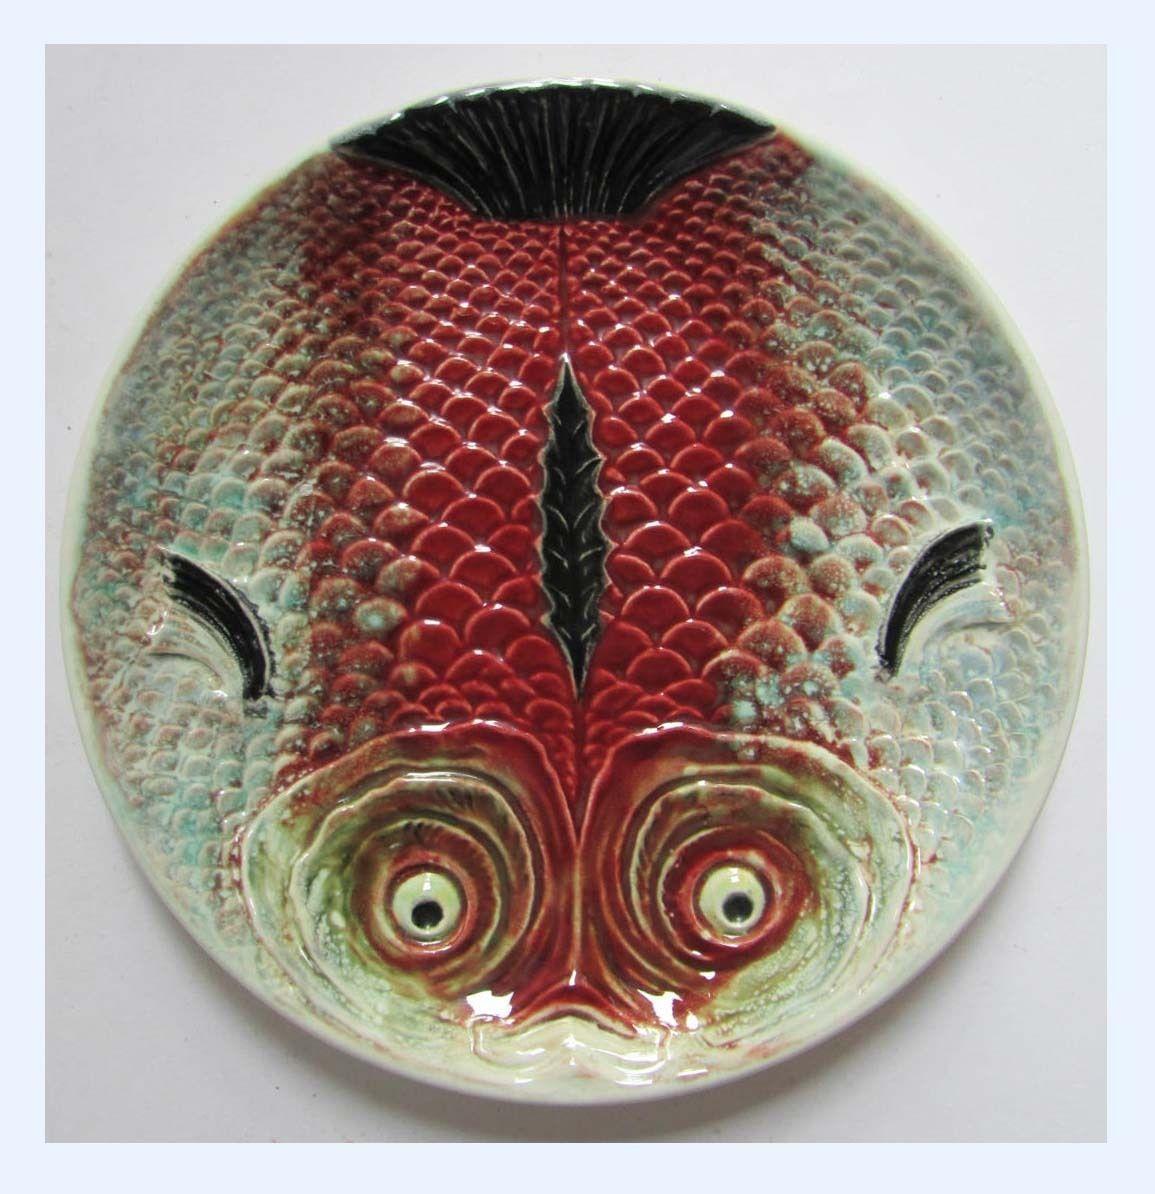 Bordalo Pinheiro Caldas da Rainha Fish Plate Majolica Portugal Ceramic Vintage   eBay & LOT OF 4 Bordallo Pinheiro Portugal Salmon Fish Plates 9